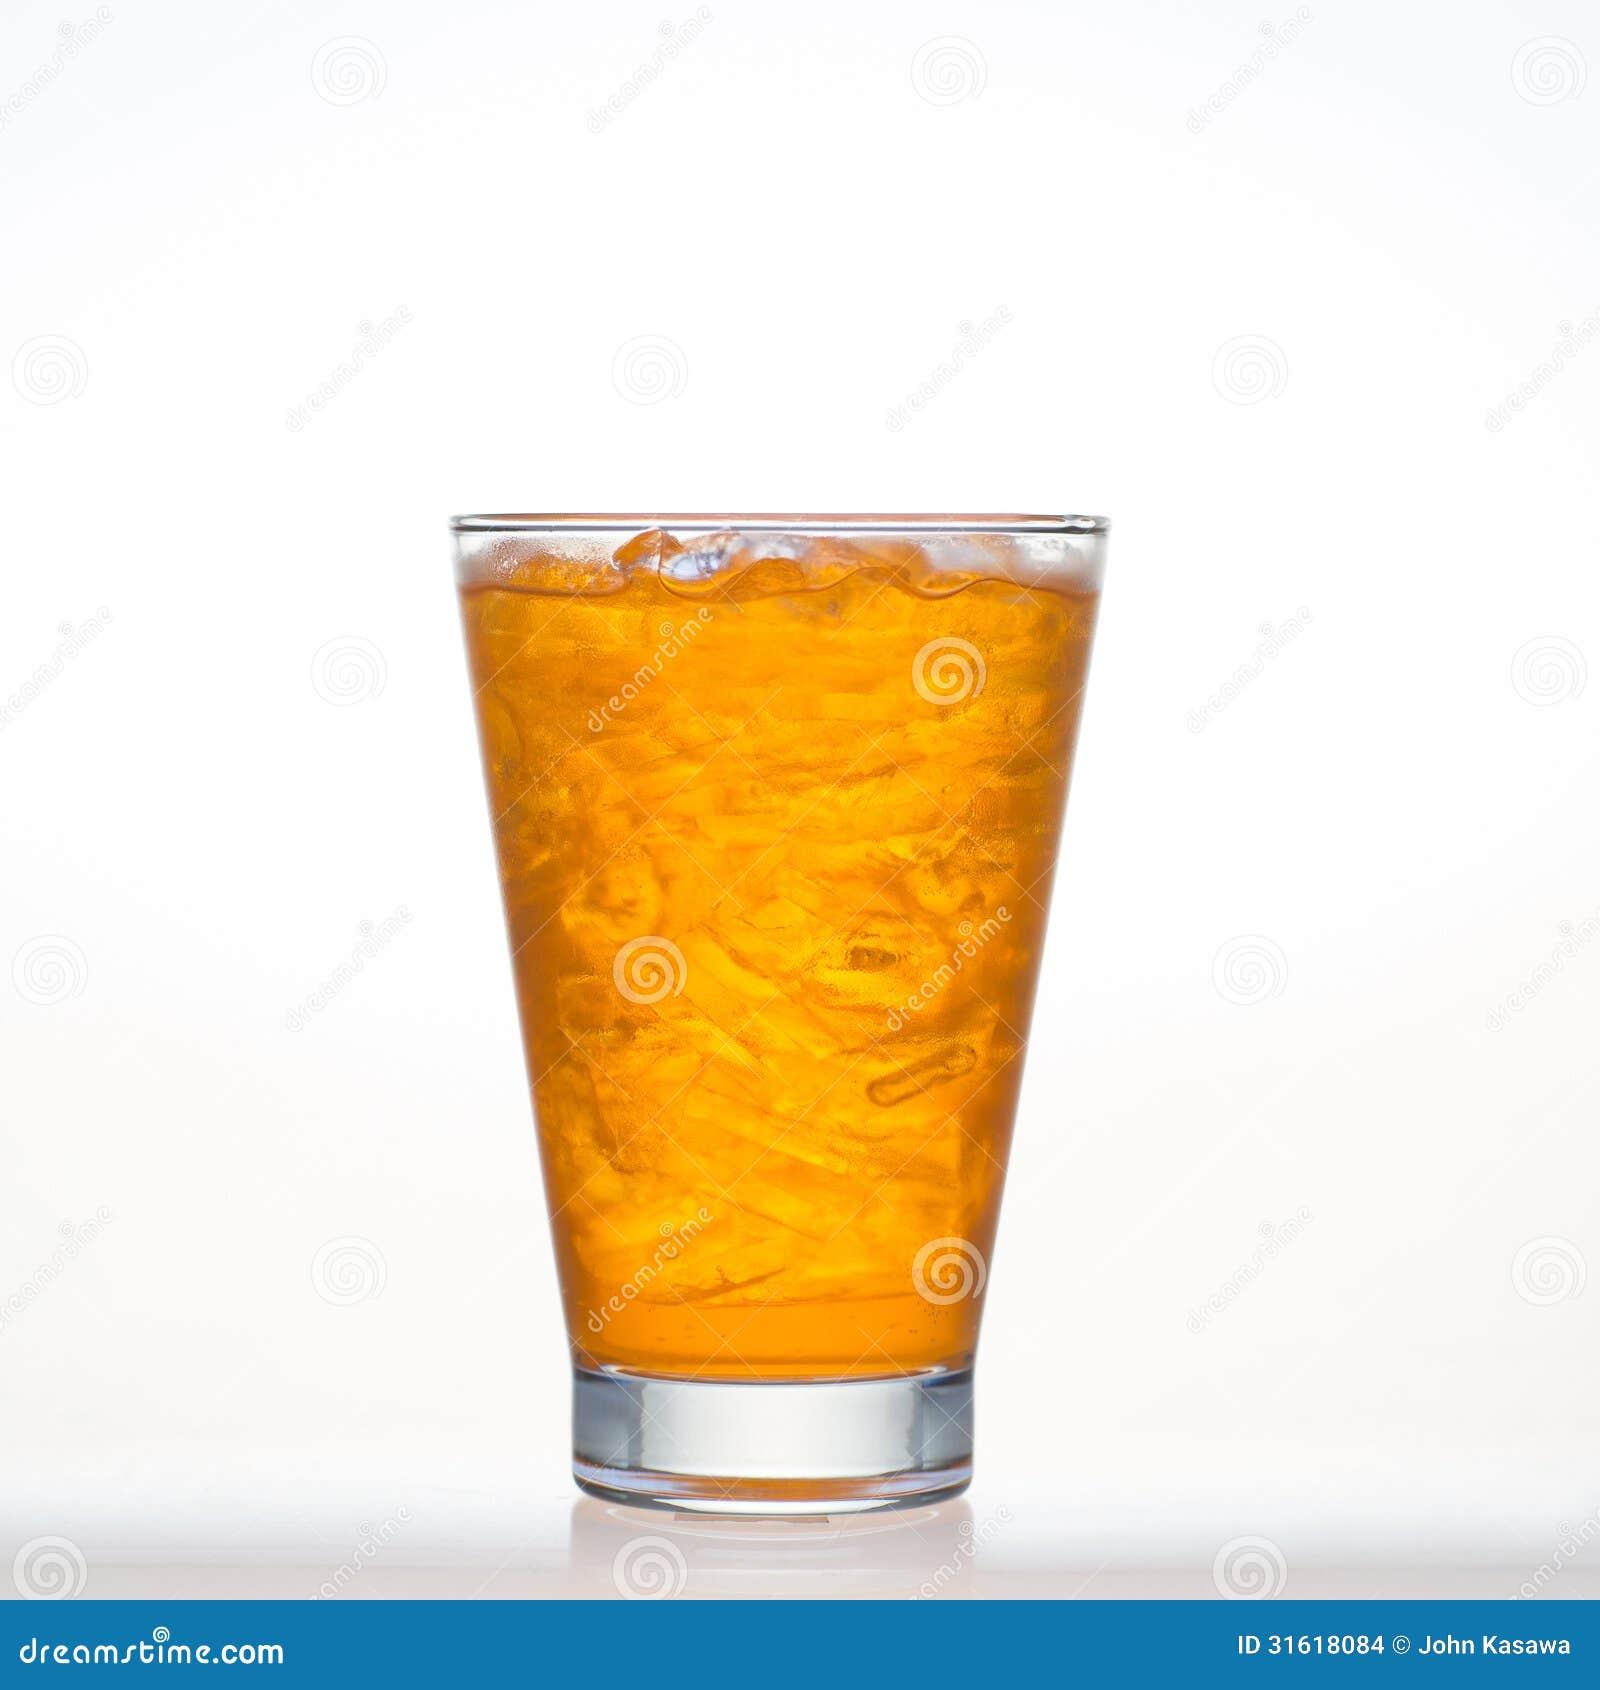 The Fizzy Orange Soft Drink